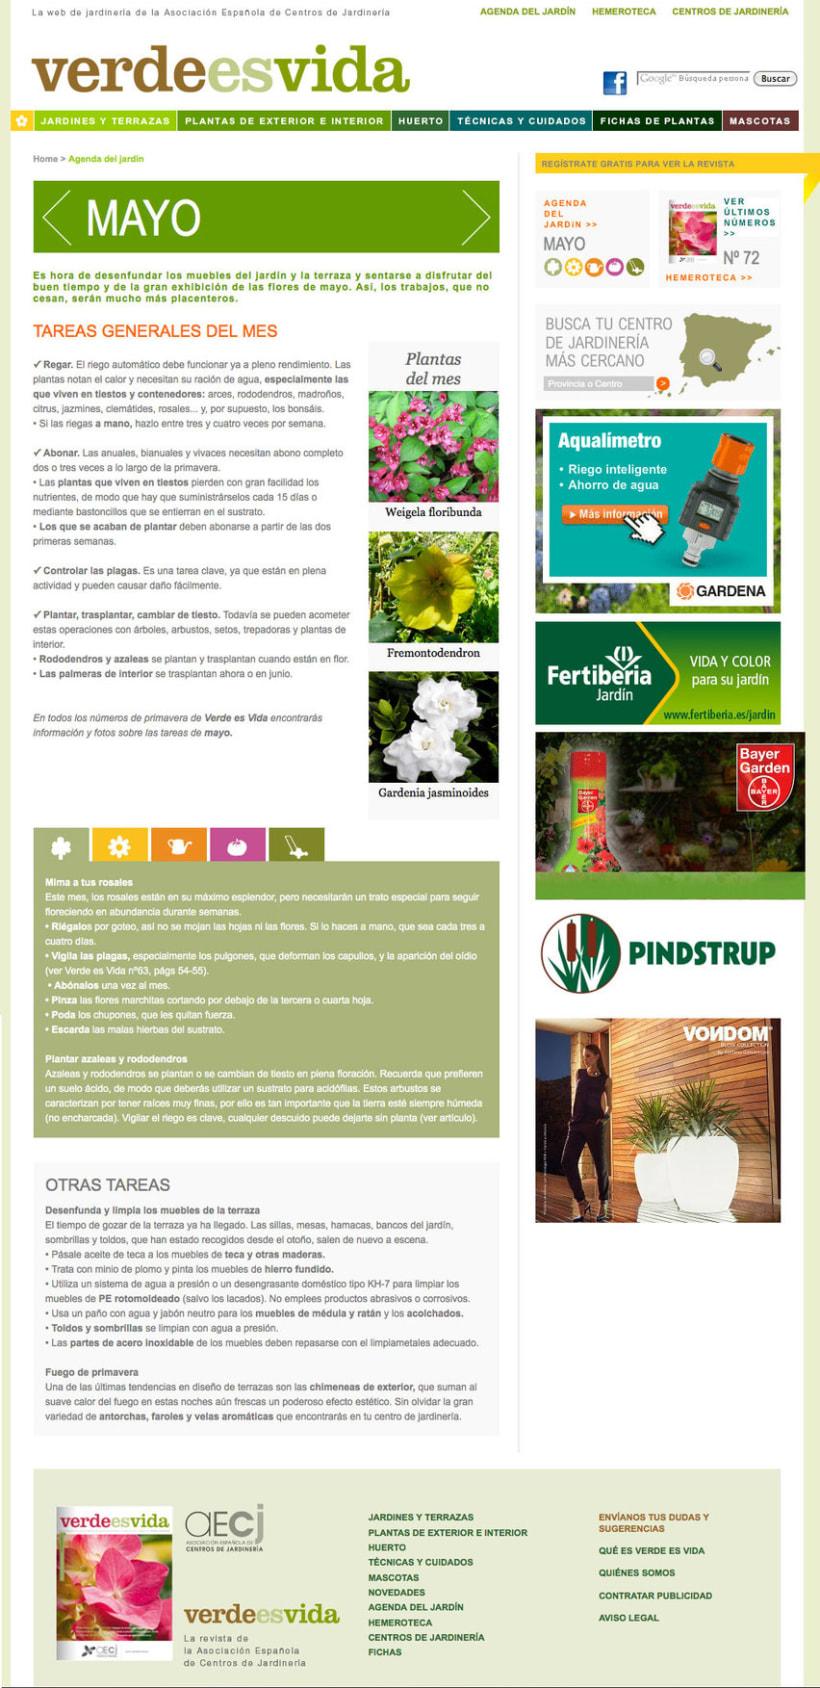 Verdeesvida - Pagina a medida para la Asociación Española de Centros de Jardinería(aEcj) 2